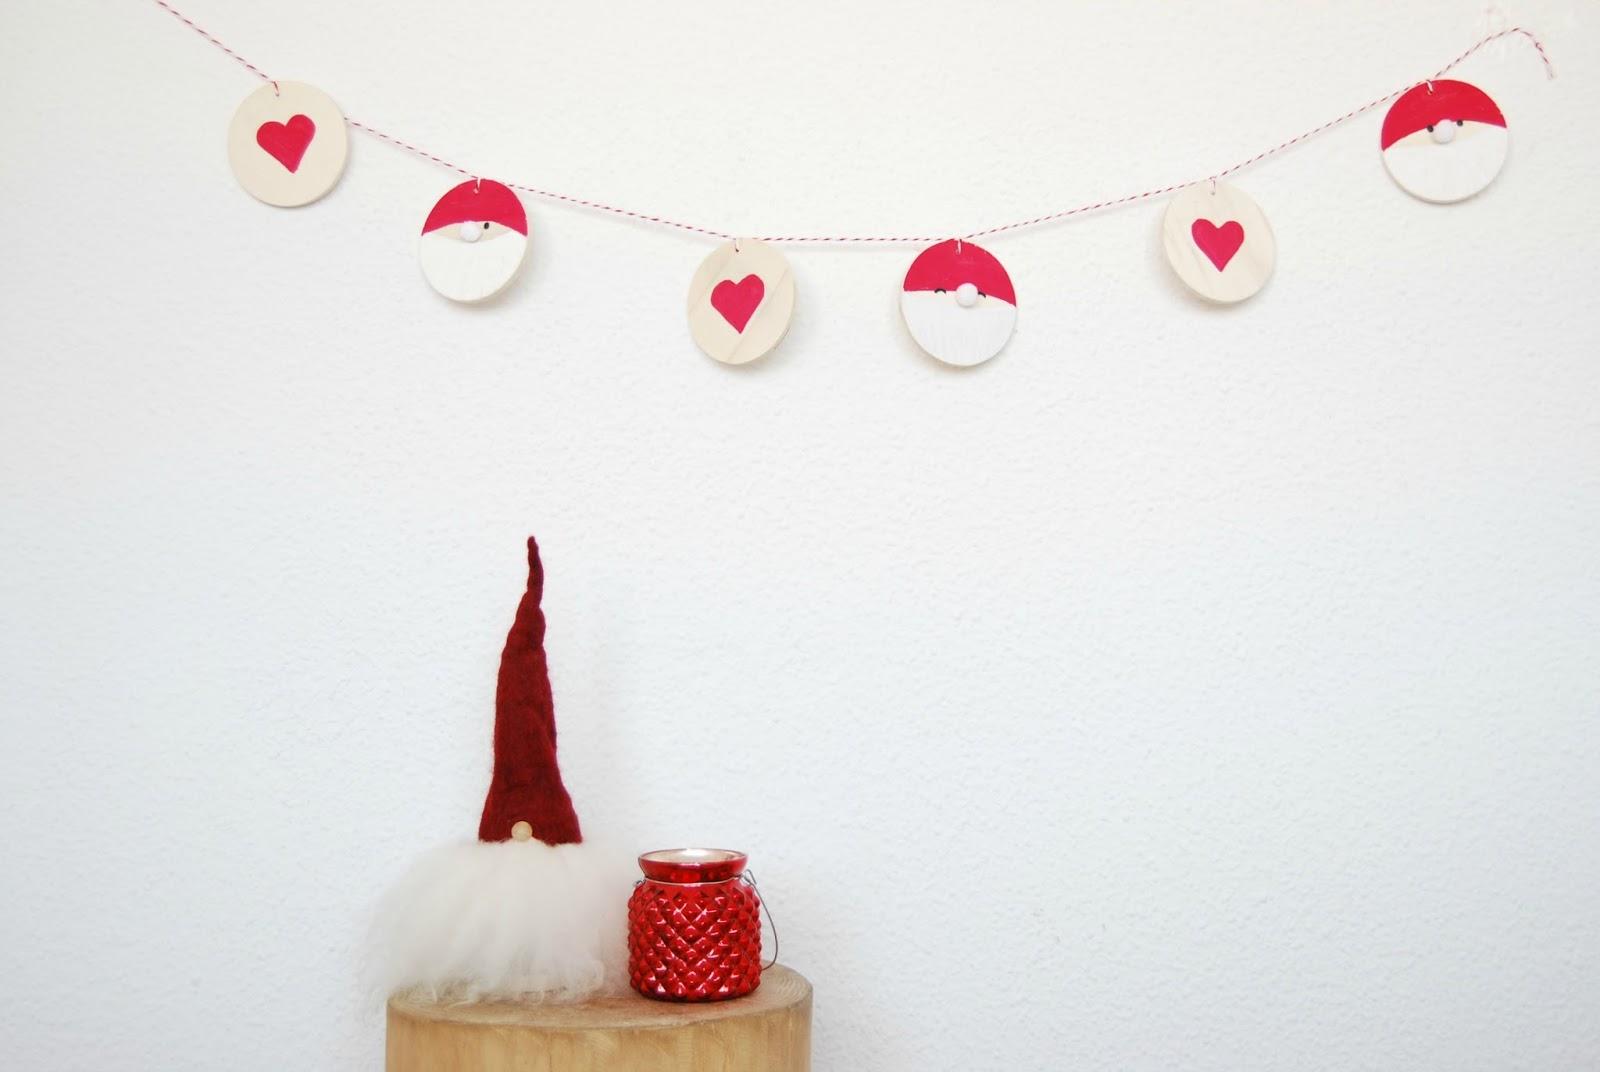 Guirnalda navide a que podr s hacer con tus hijos - Guirnaldas navidad manualidades ...